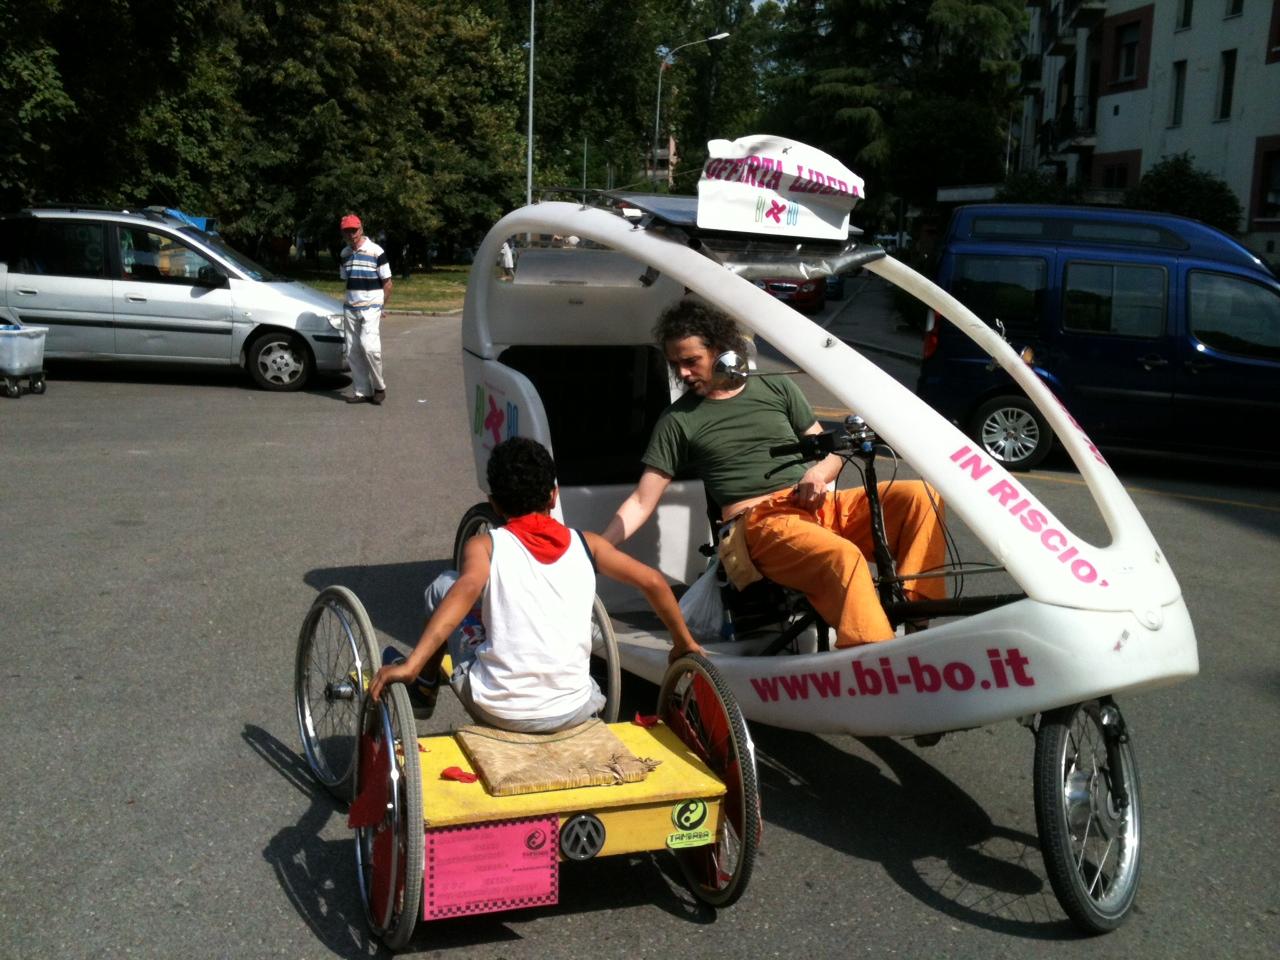 Biciclette speciali :-)